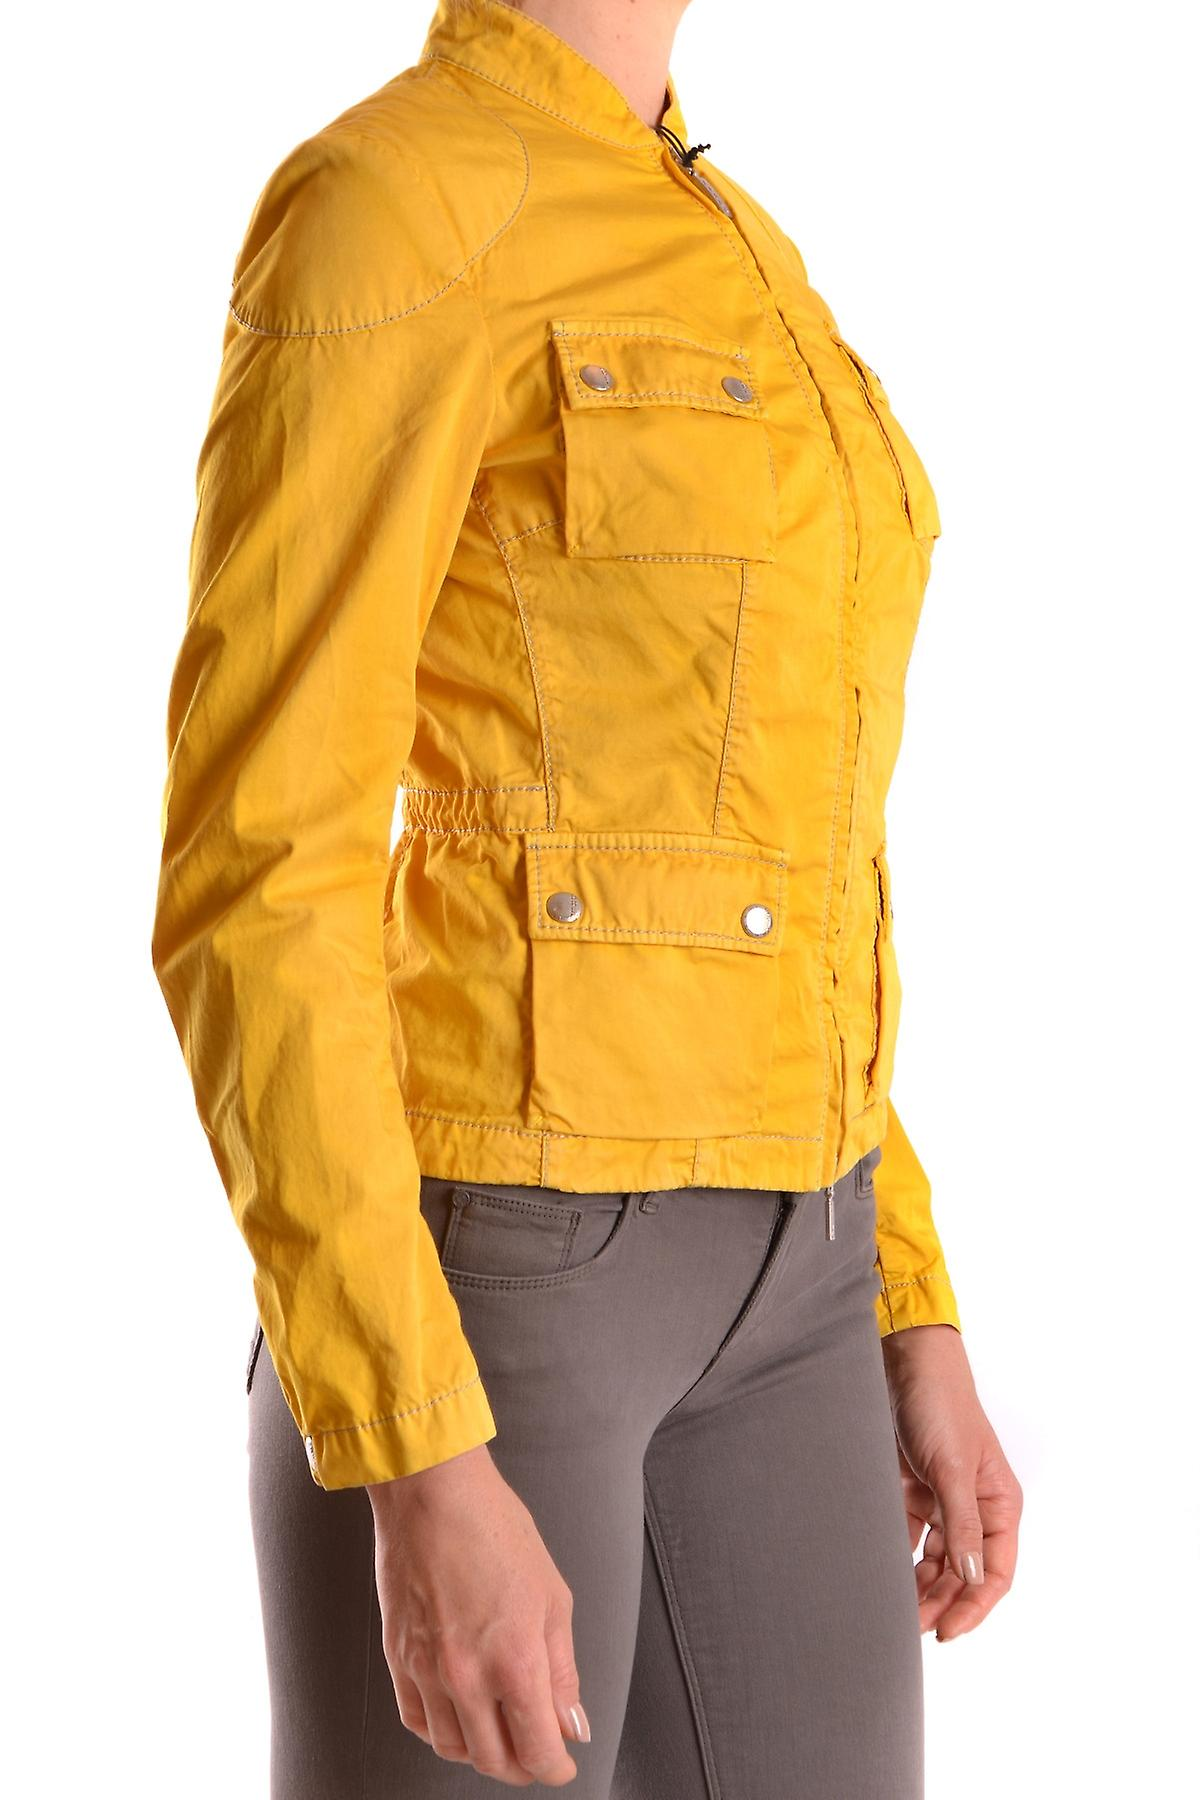 Brema Ezbc146009 Mujer's Chaqueta de Algodón Amarillo